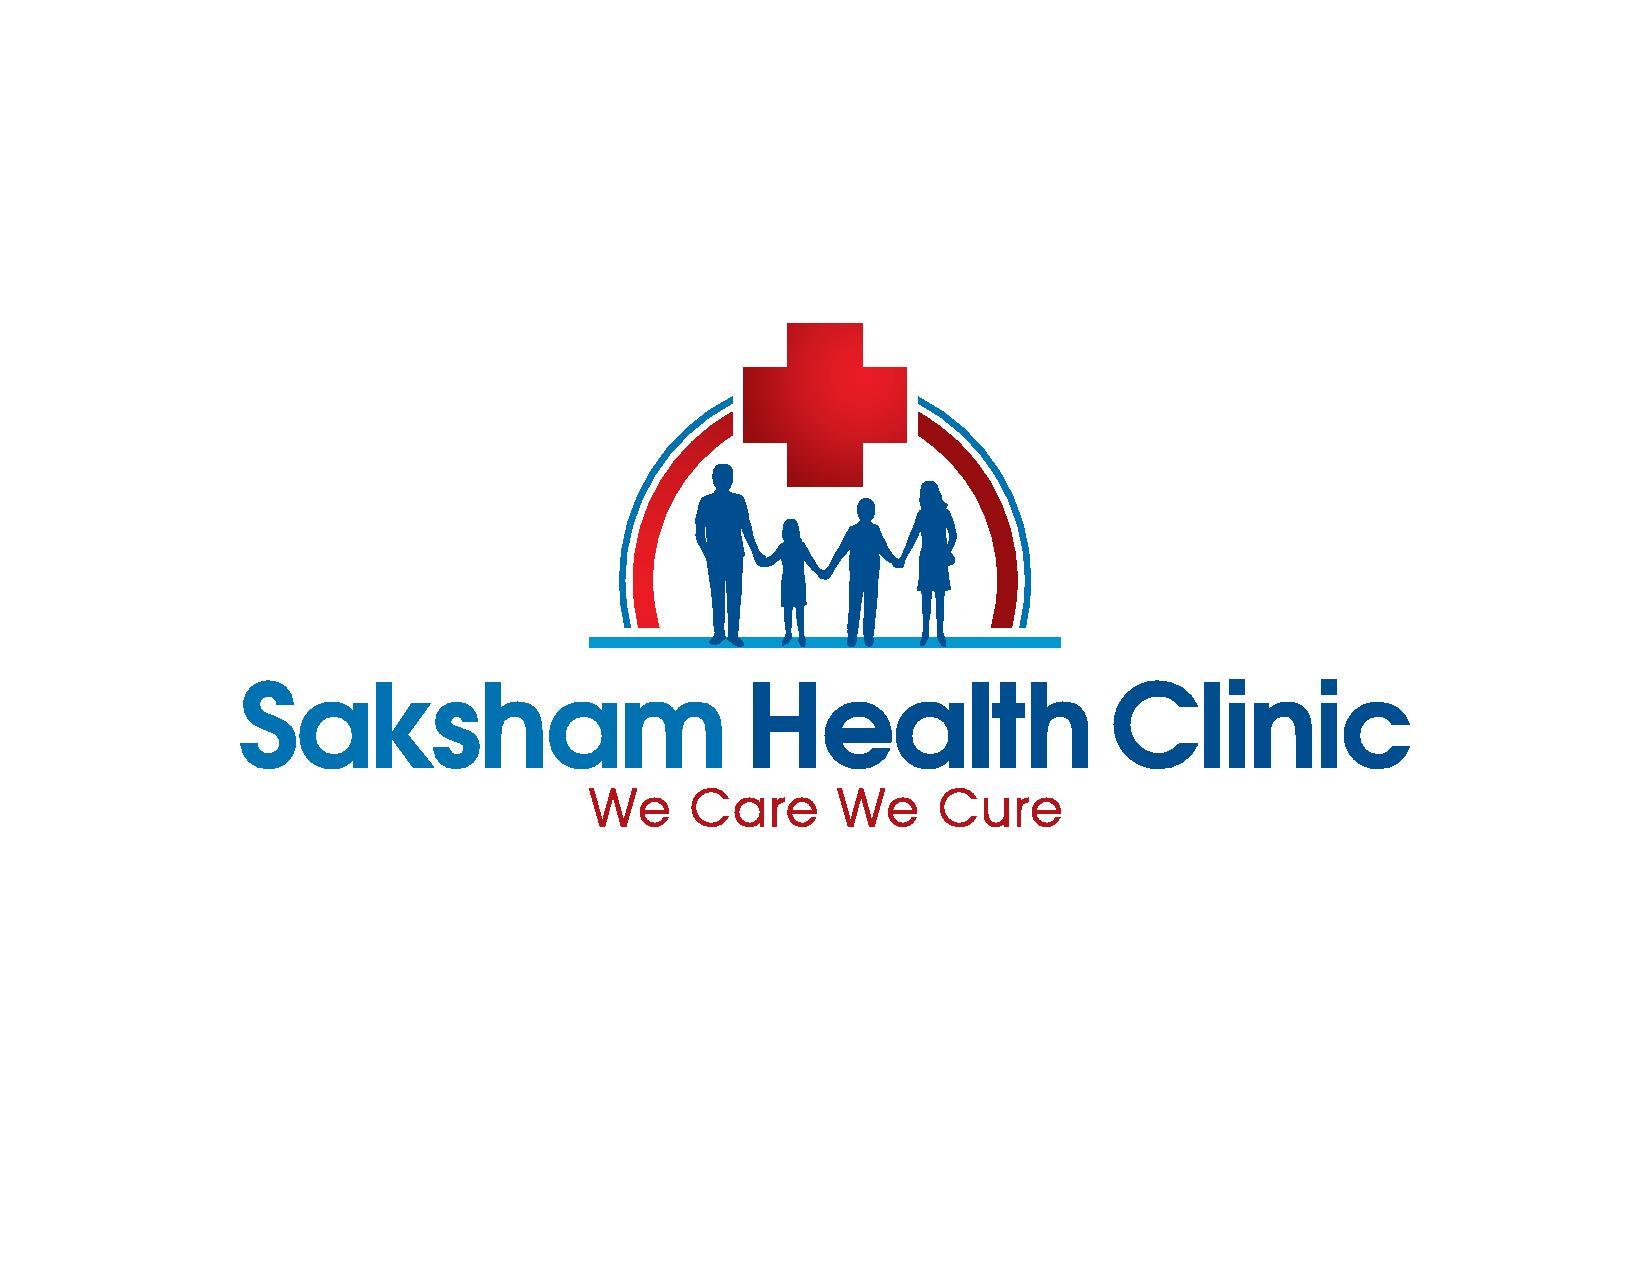 Saksham Health Clinic